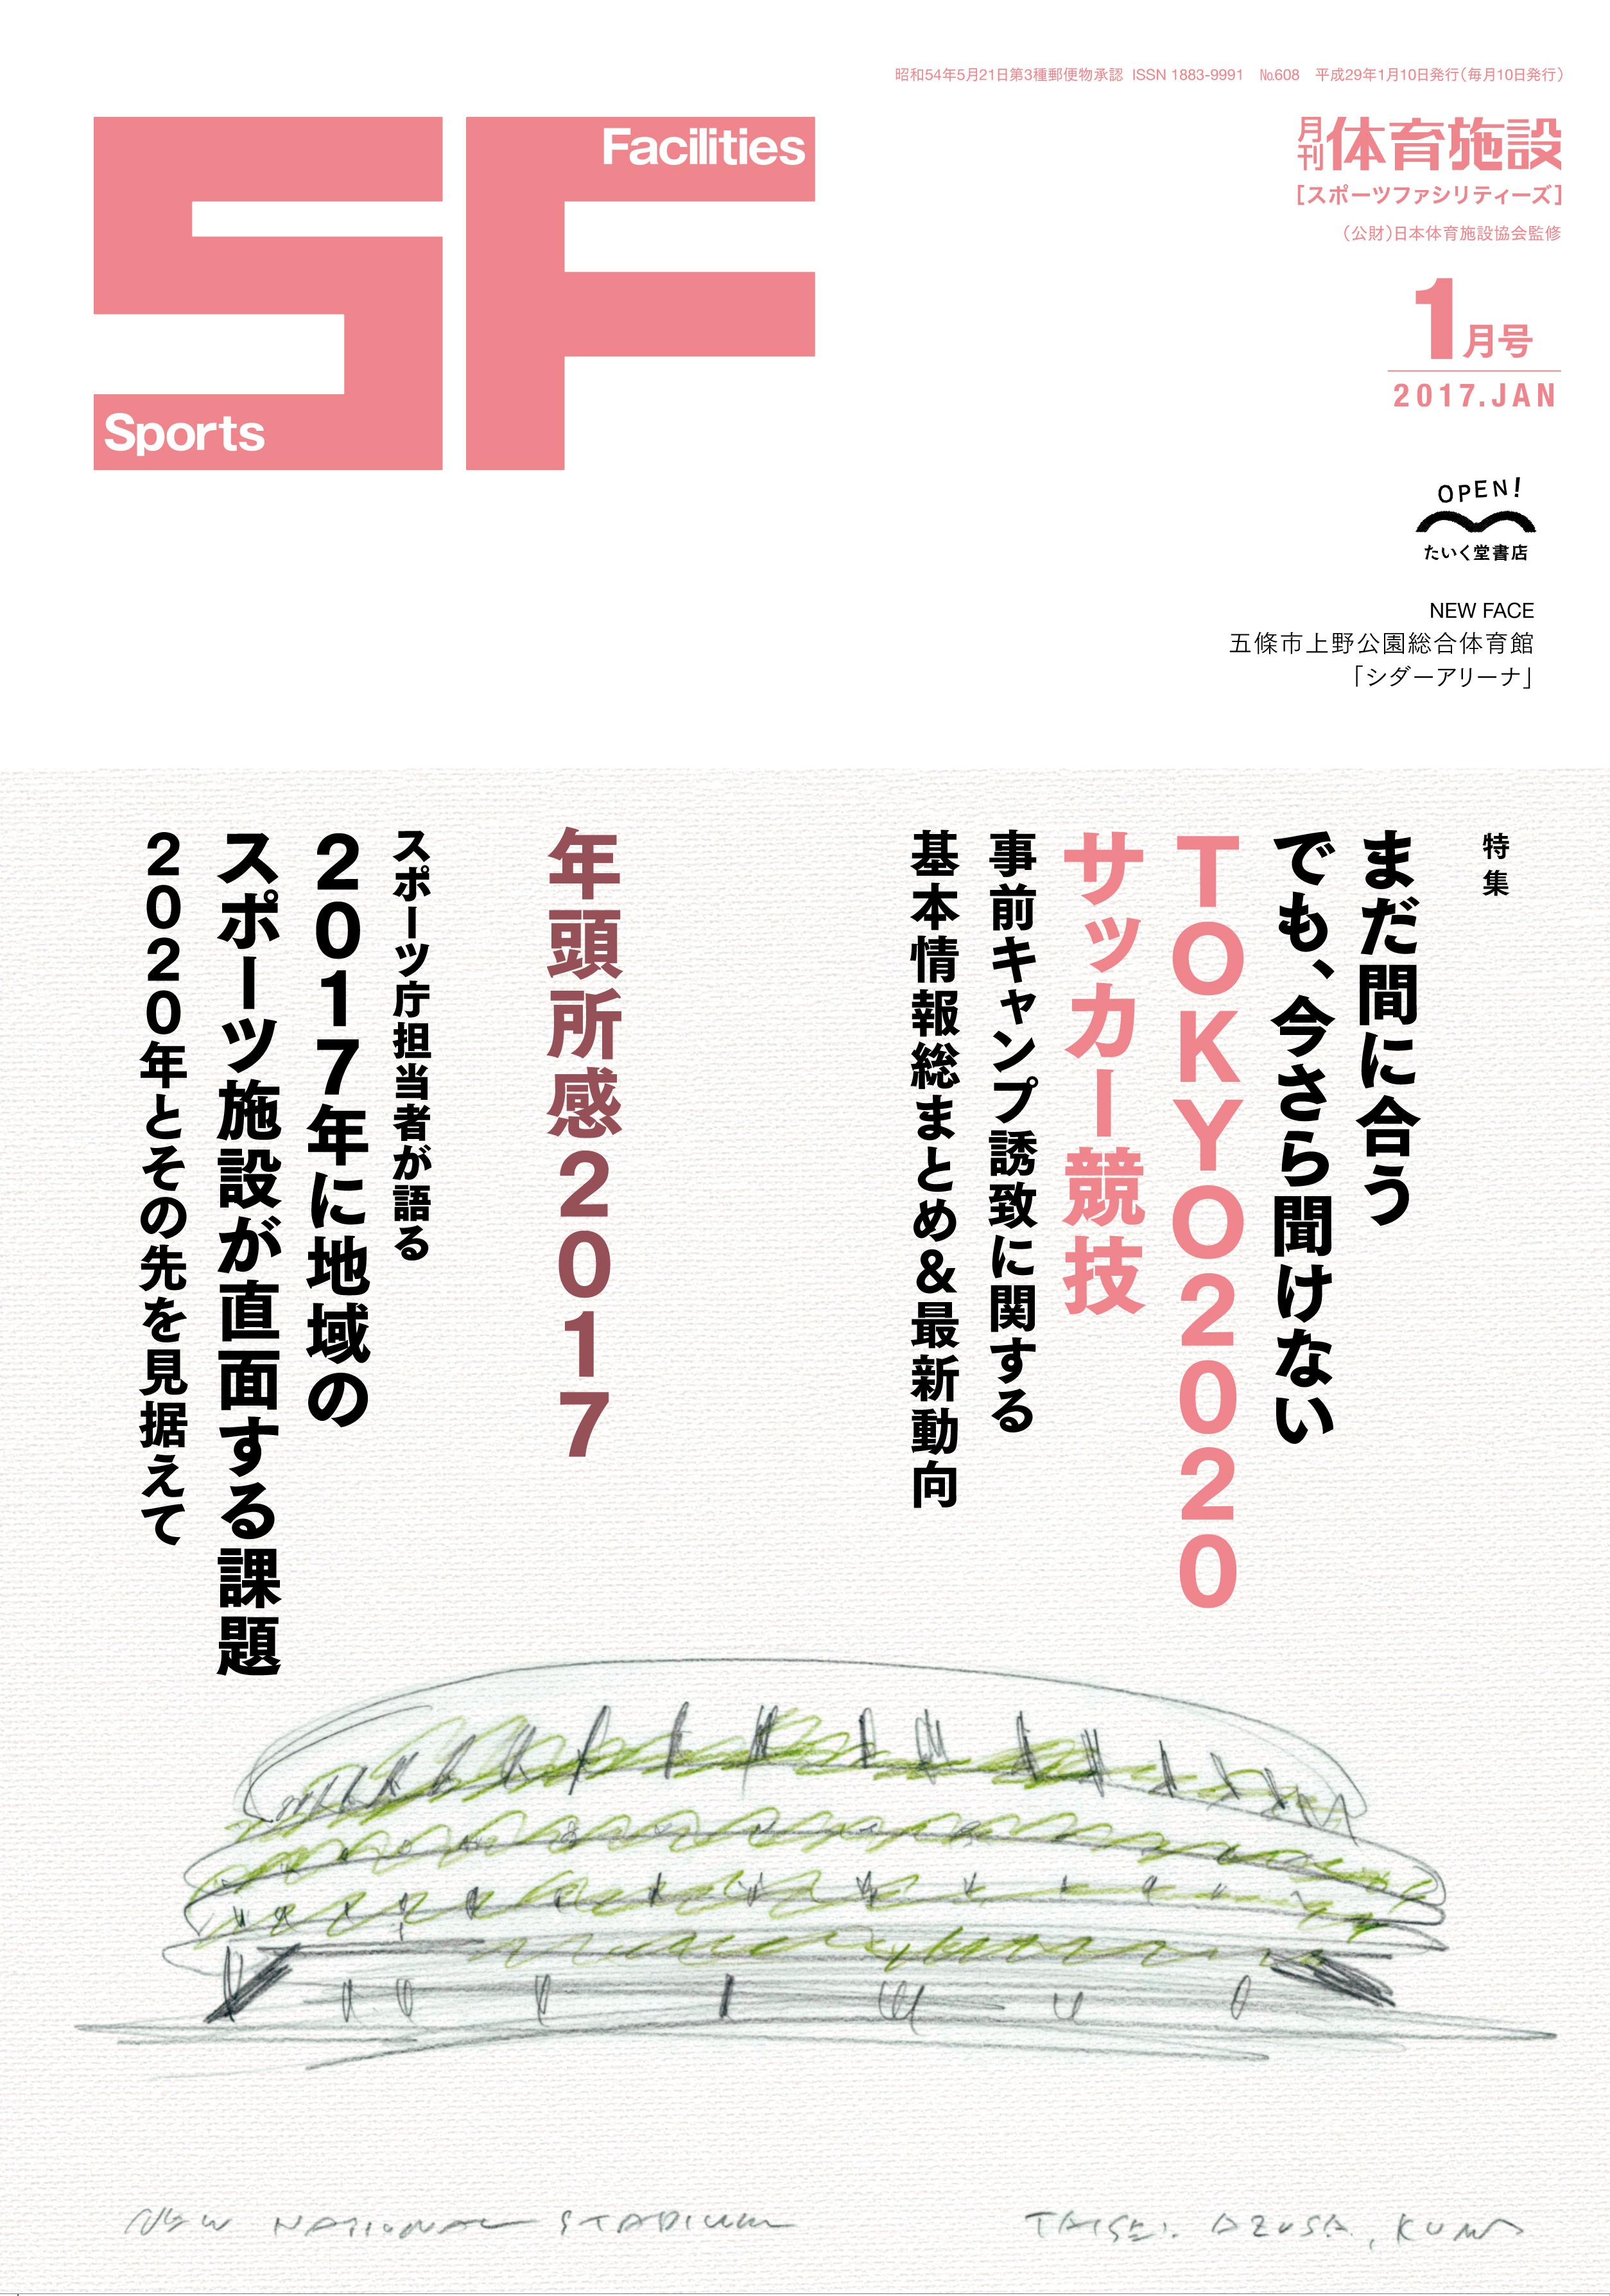 gekkan201701